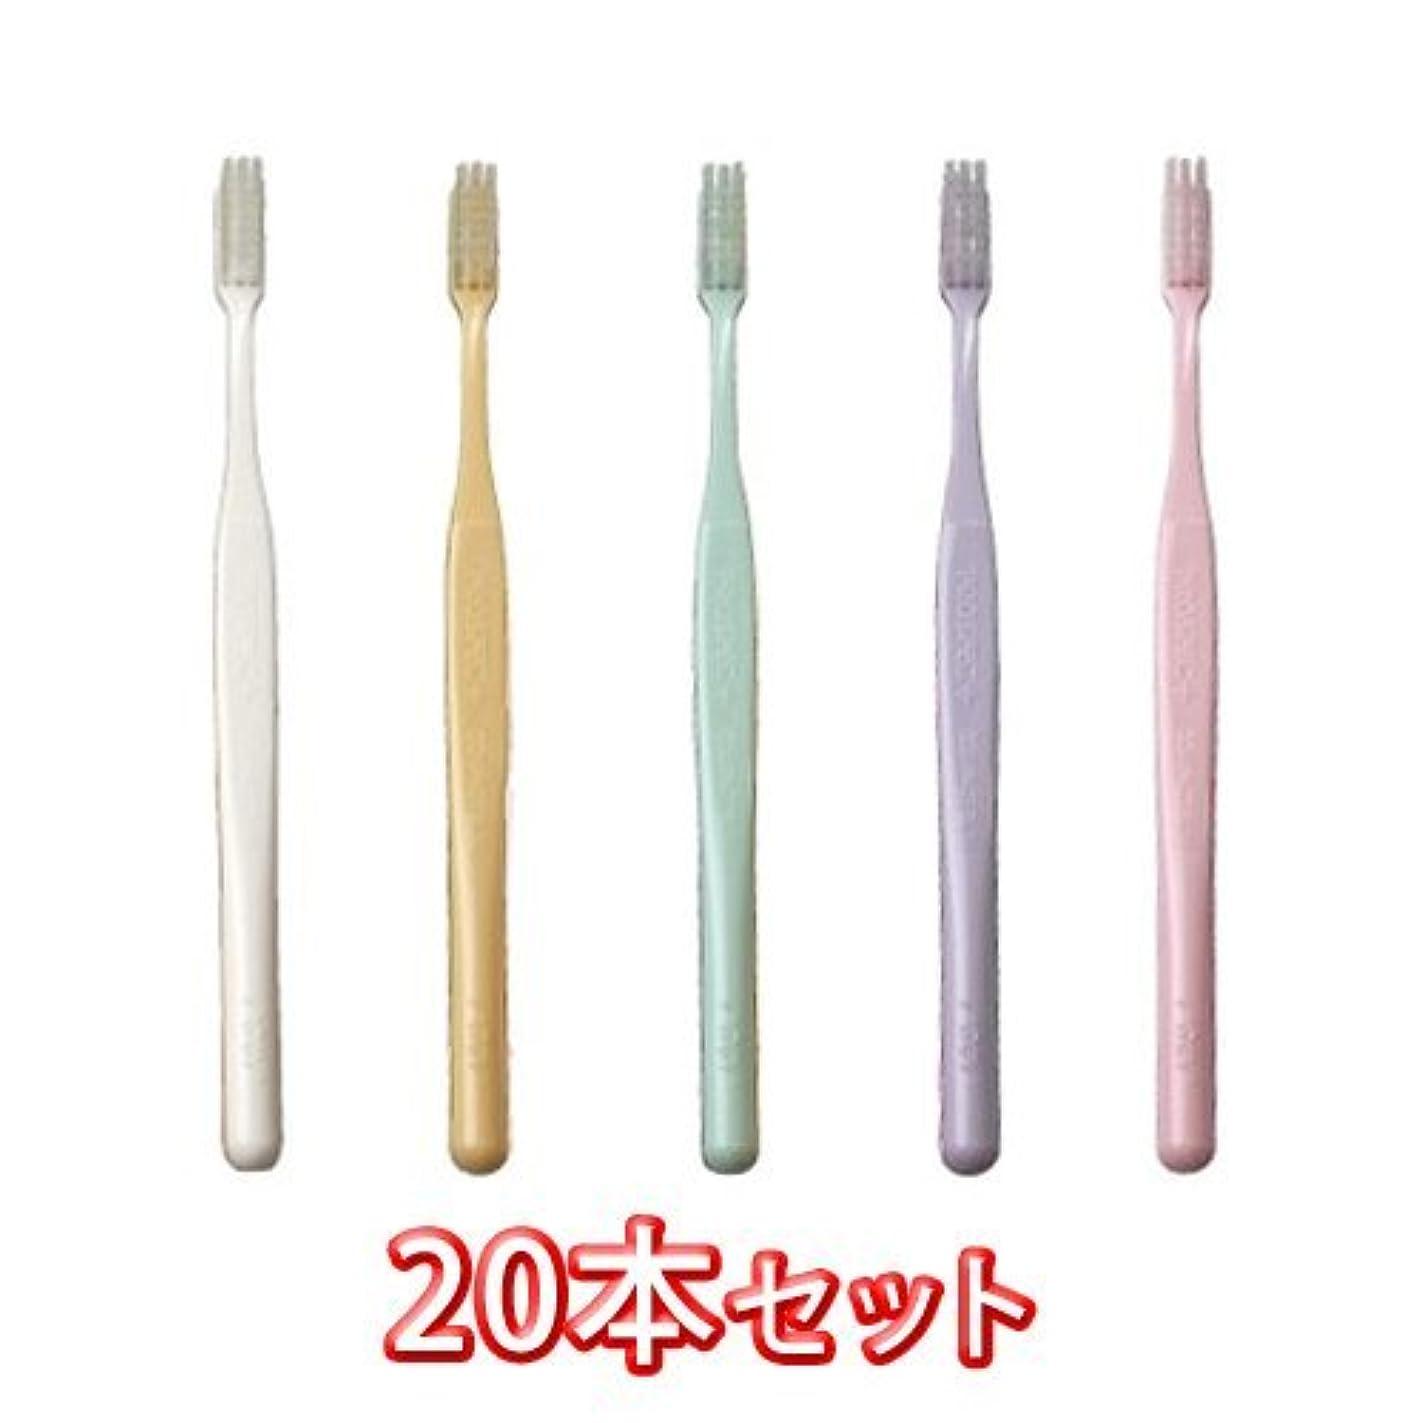 湿原使用法全部プロスペック 歯ブラシ プラス コンパクトスリム 20本入 ふつう色 S やわらかめ